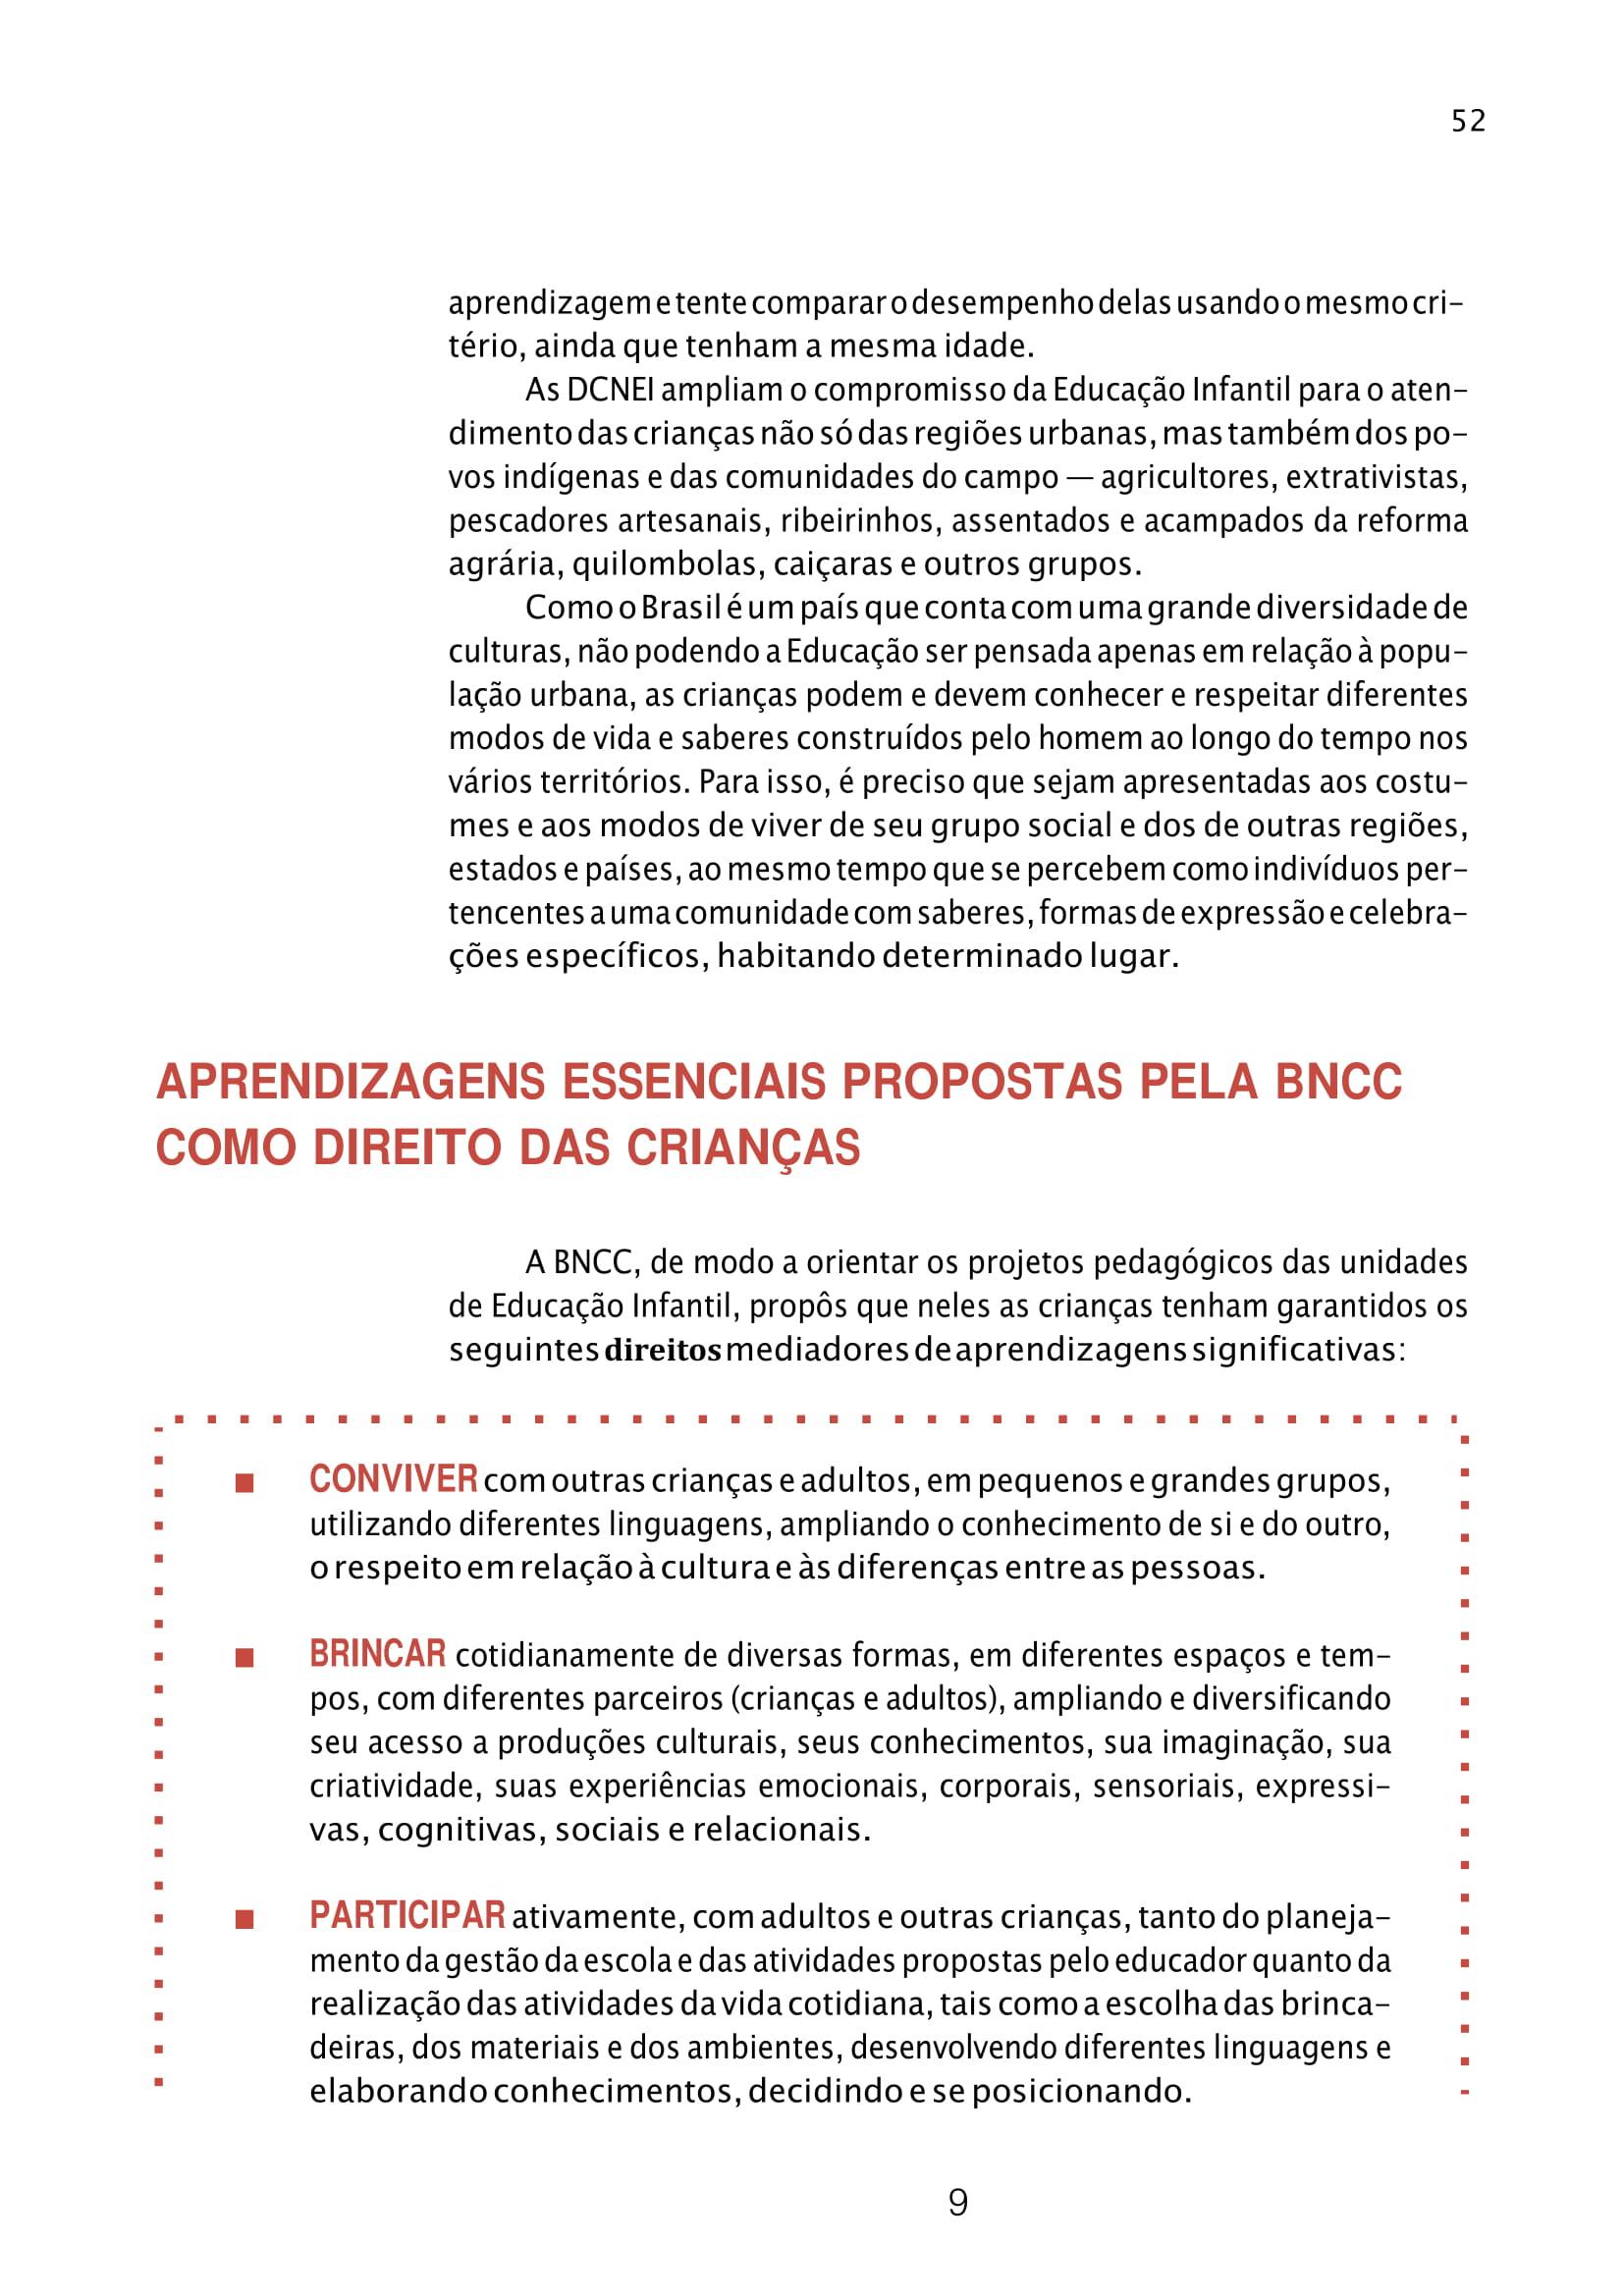 planejamento-educação-infantil-bncc-geral-82